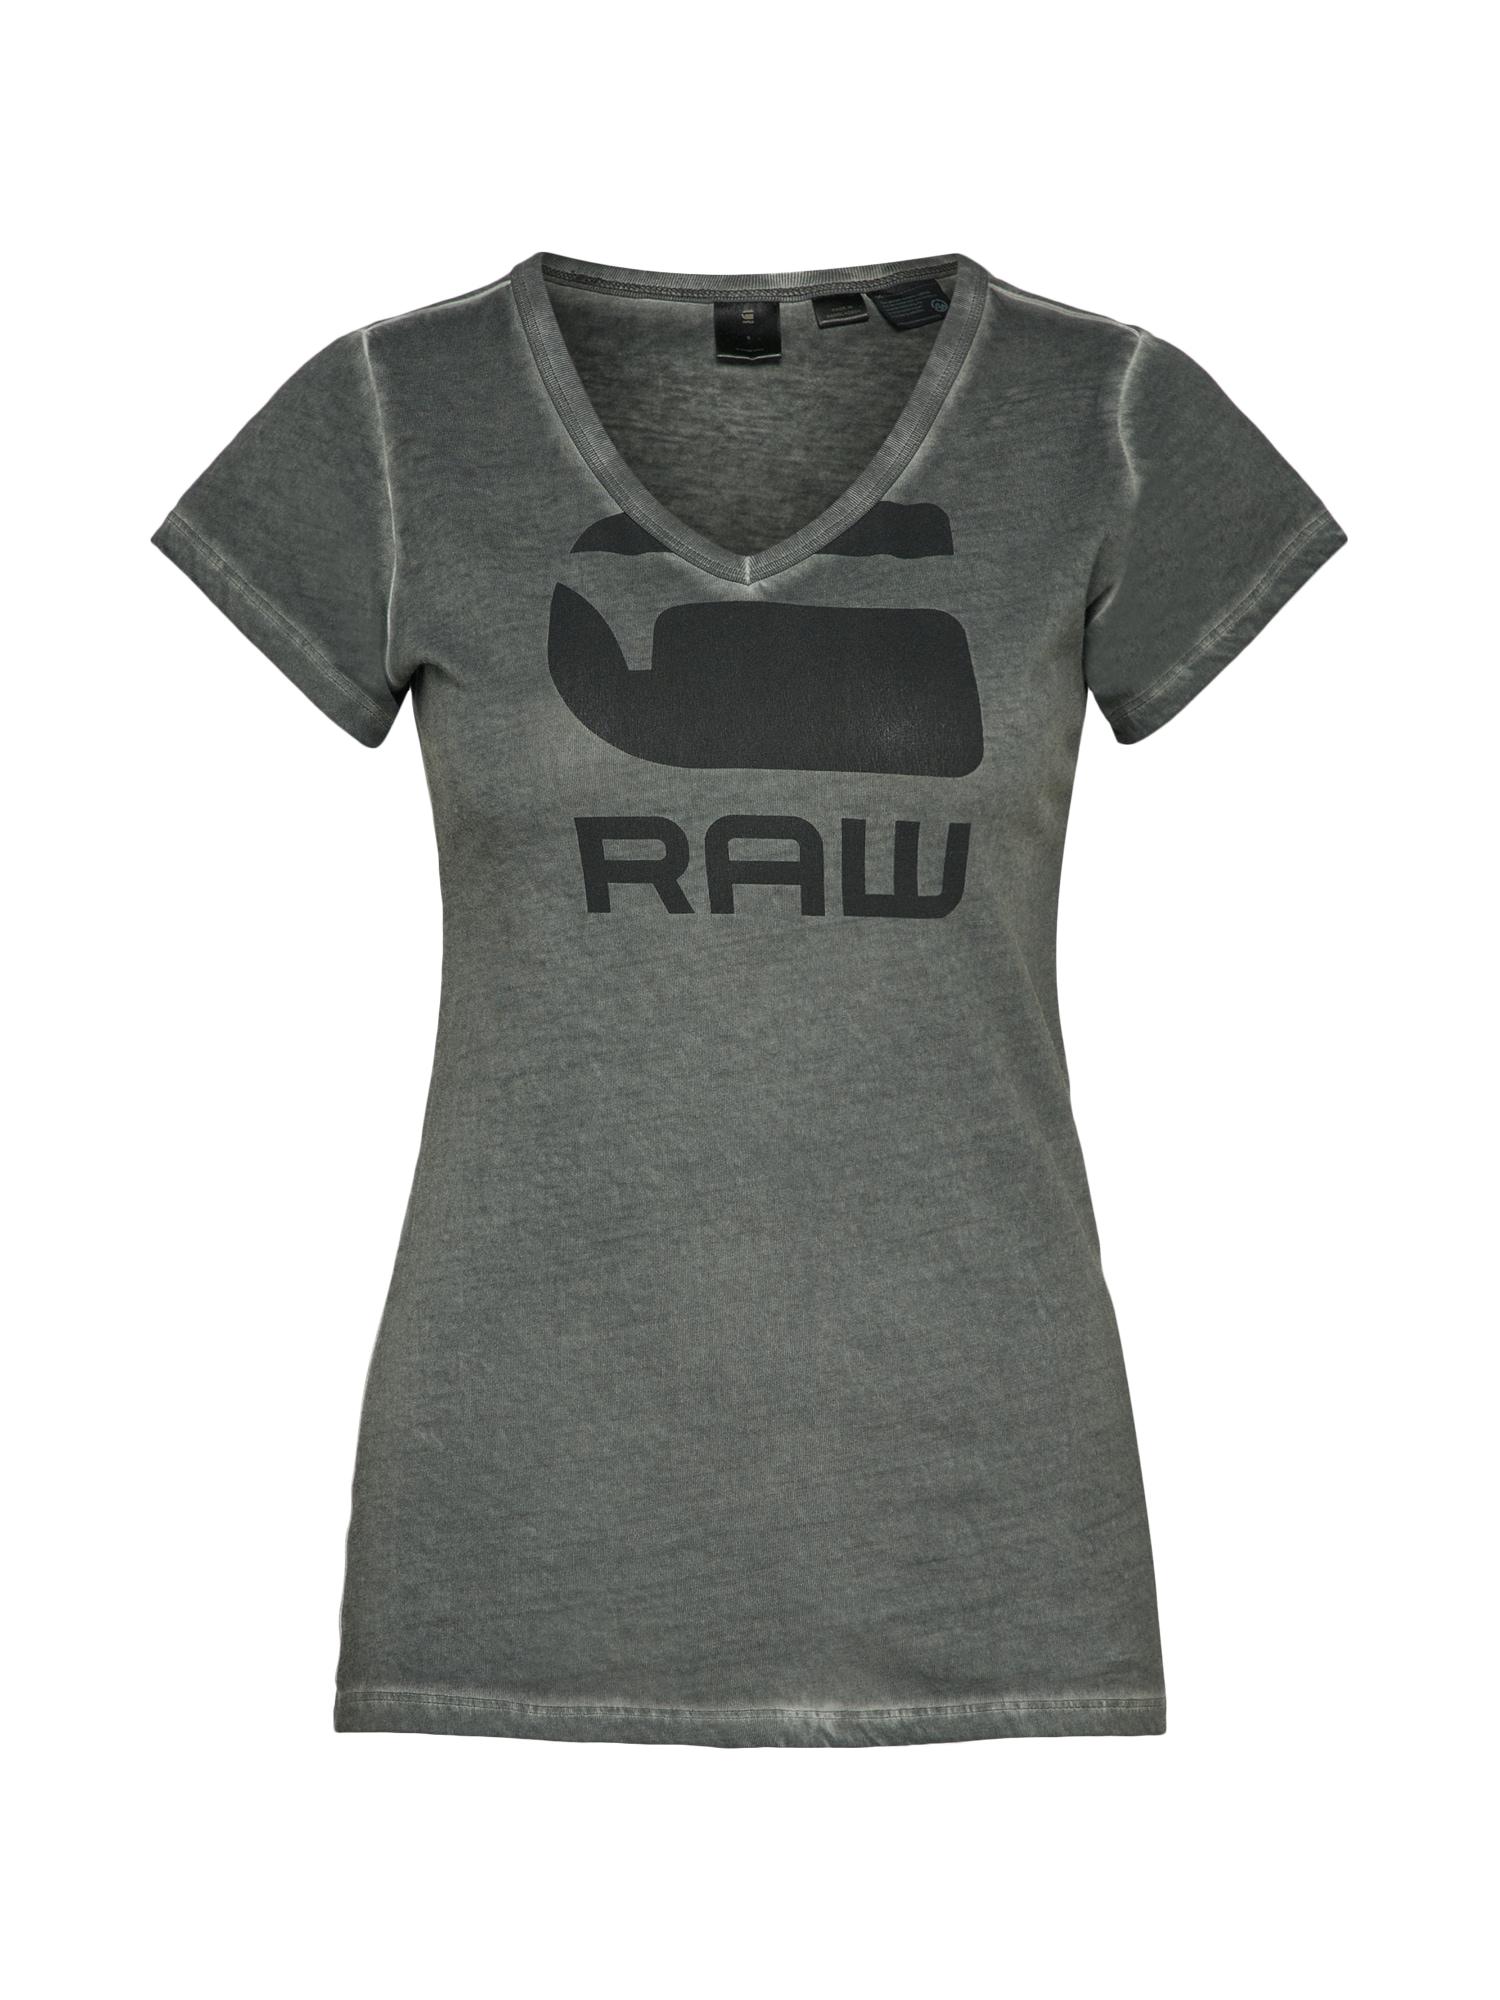 G-STAR RAW Dames Shirt Suphe grijs